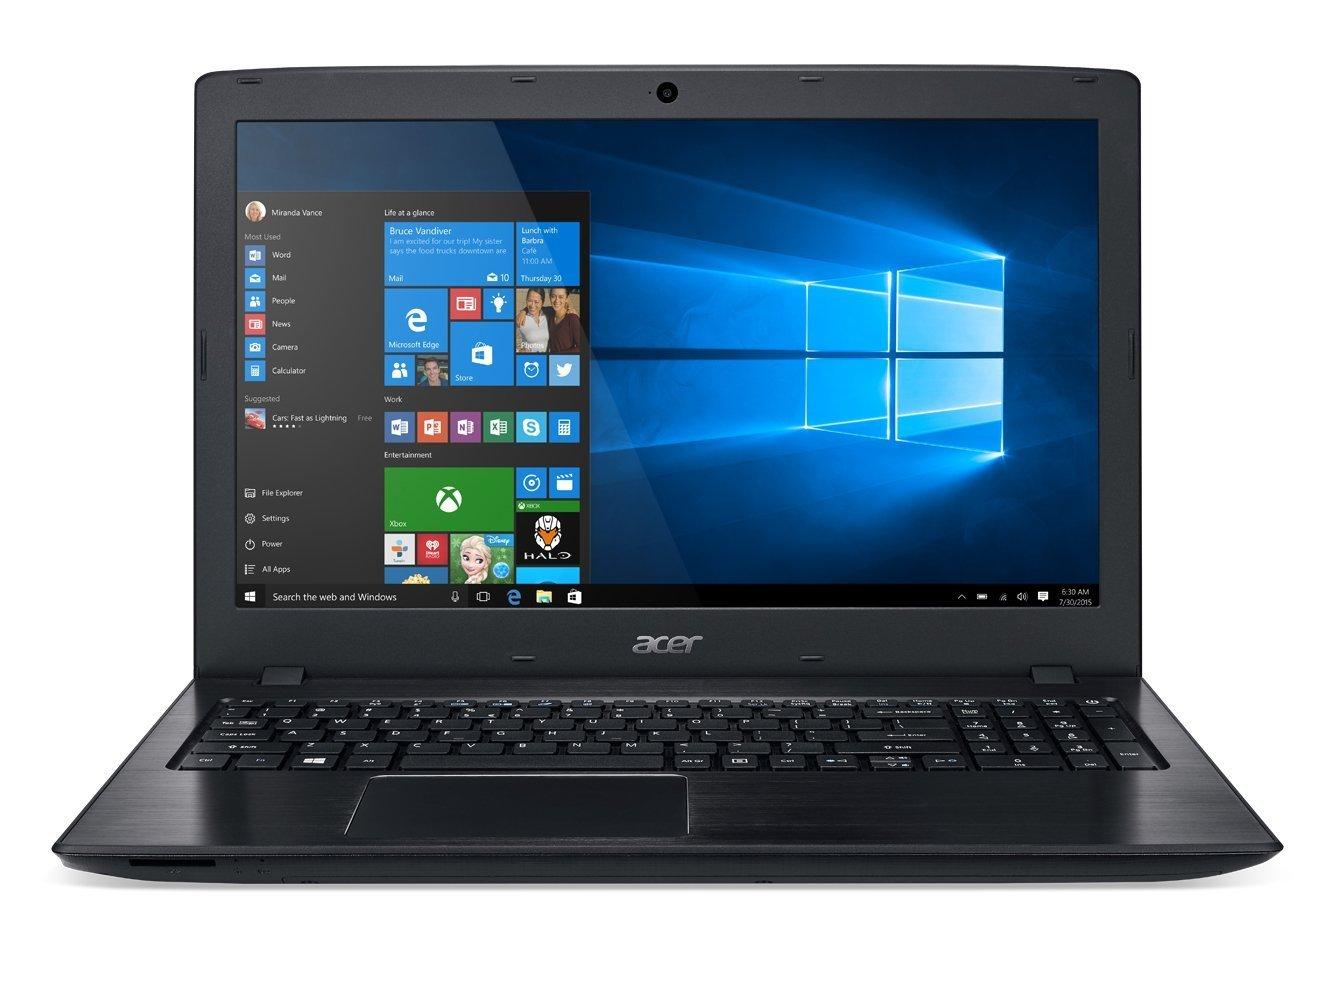 Acer Aspire 15.6'' Full HD LED-backlit 1920x1080 display laptop (2017 Newest), 7th Gen Intel Core i3-7100U 2.4GHz, 4GB RAM, 1TB HDD, 802.11ac, Bluetooth, HDMI, HD Webcam, Windows 10 Home